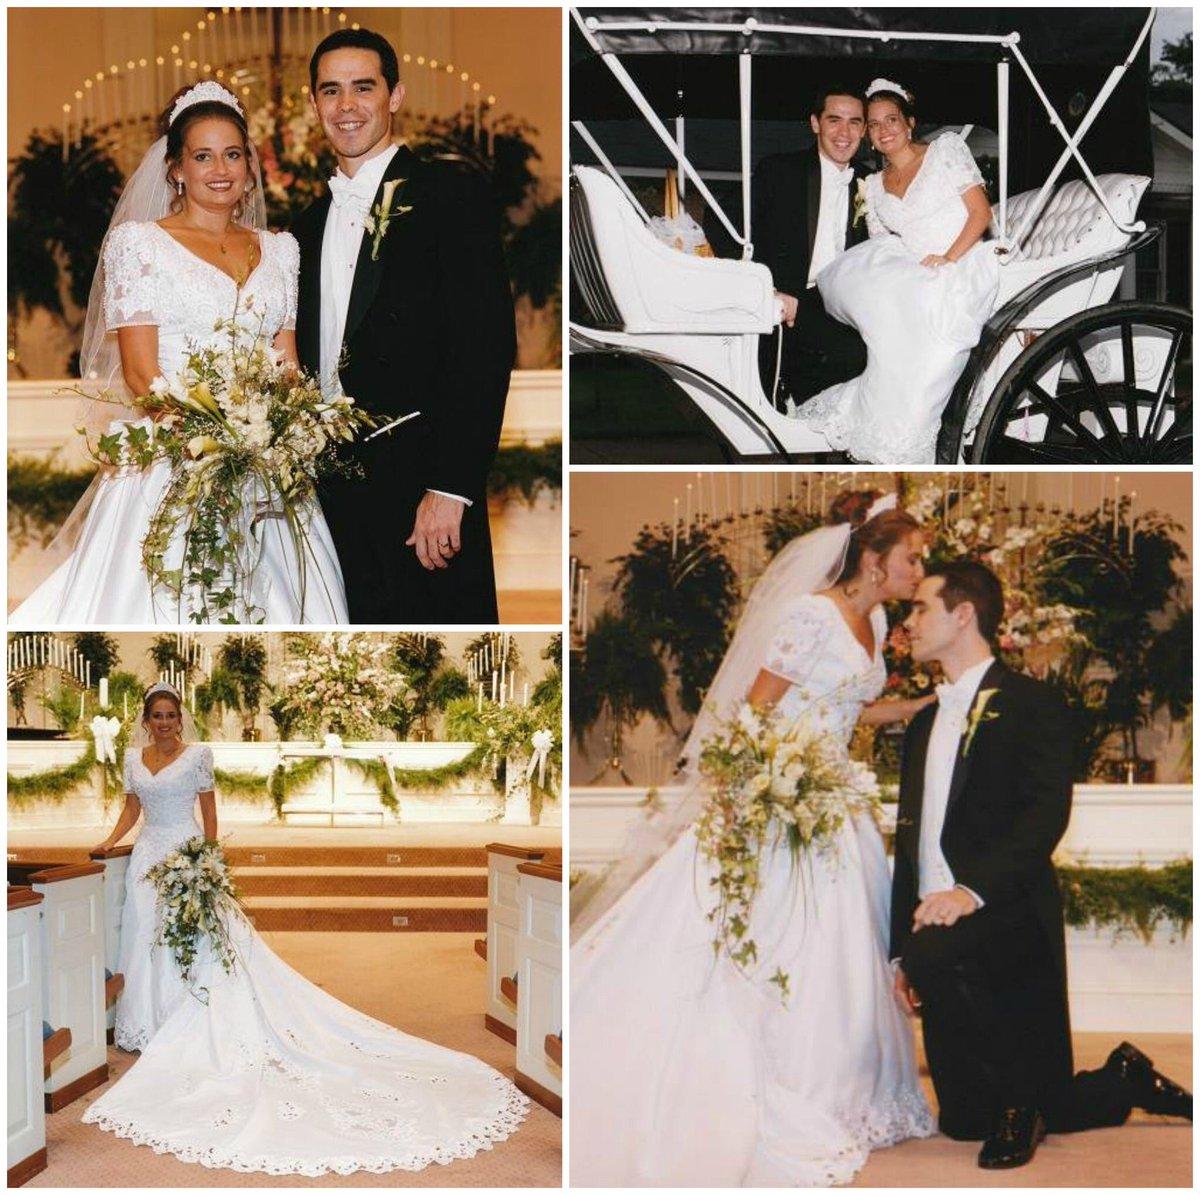 Fairytale weddings, y'all! #SideEffectsO...